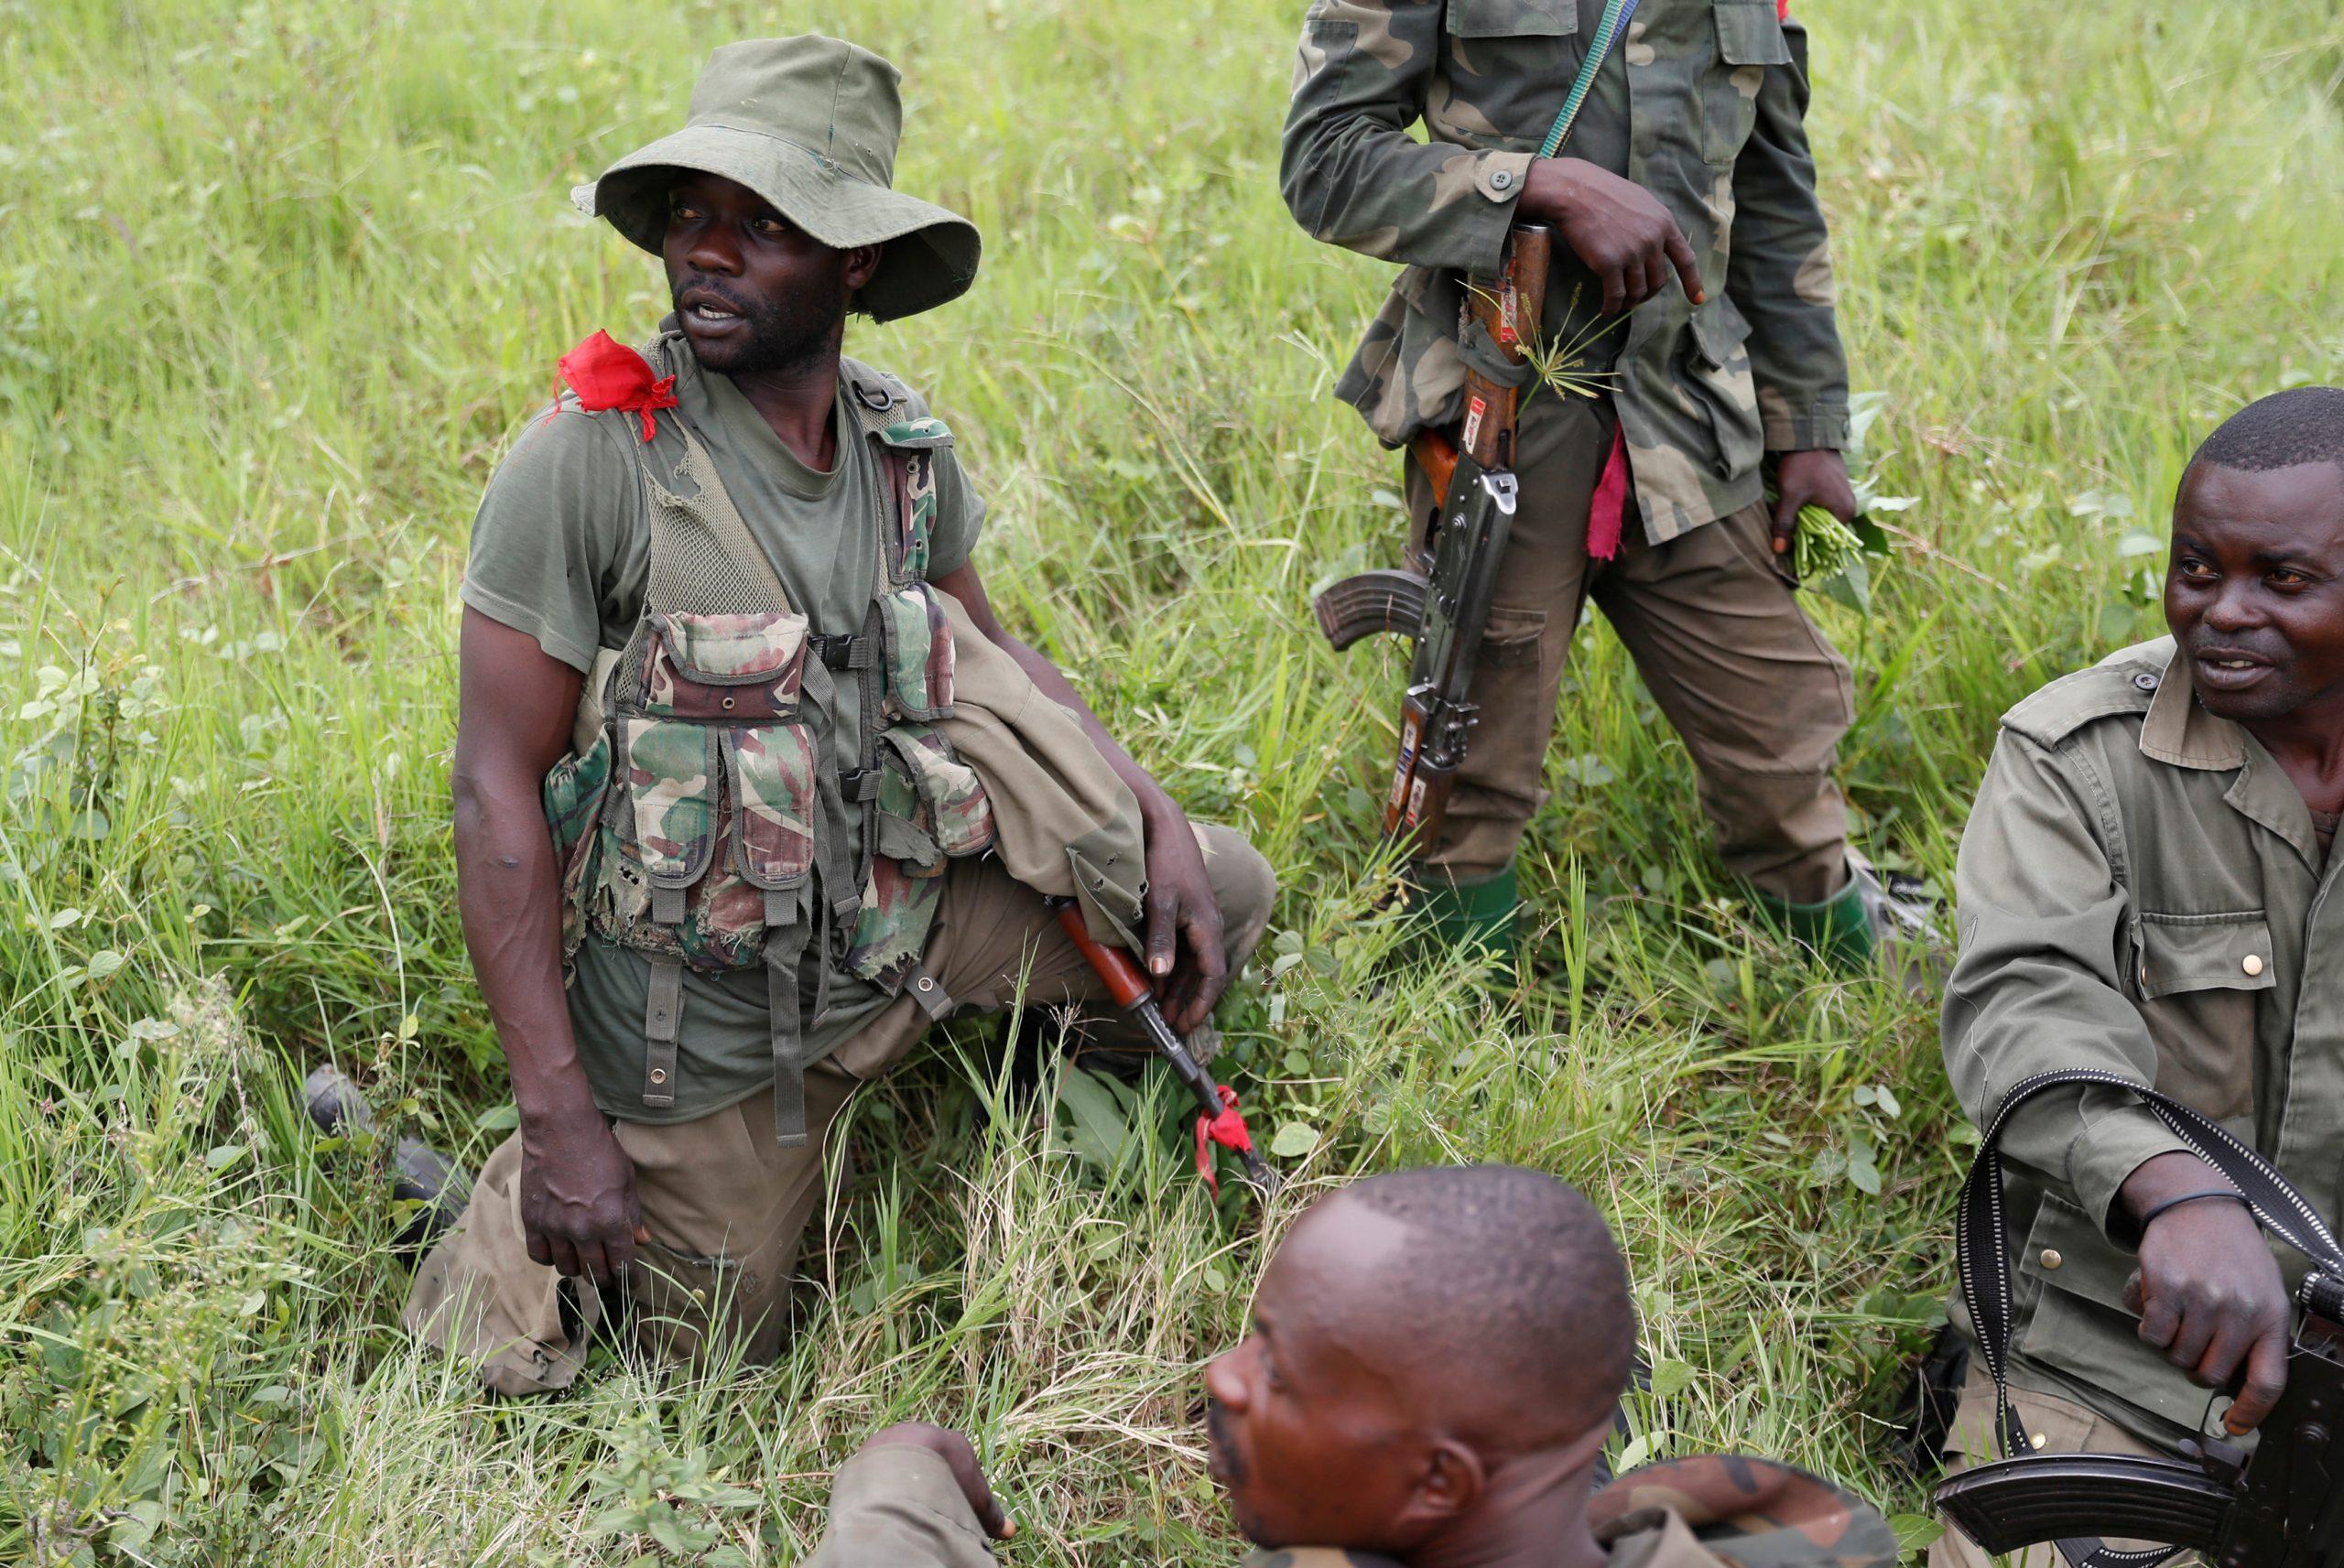 Un soldat congolais lors d'une opération contre les ADF, au Nord-Kivu en décembre 2018.